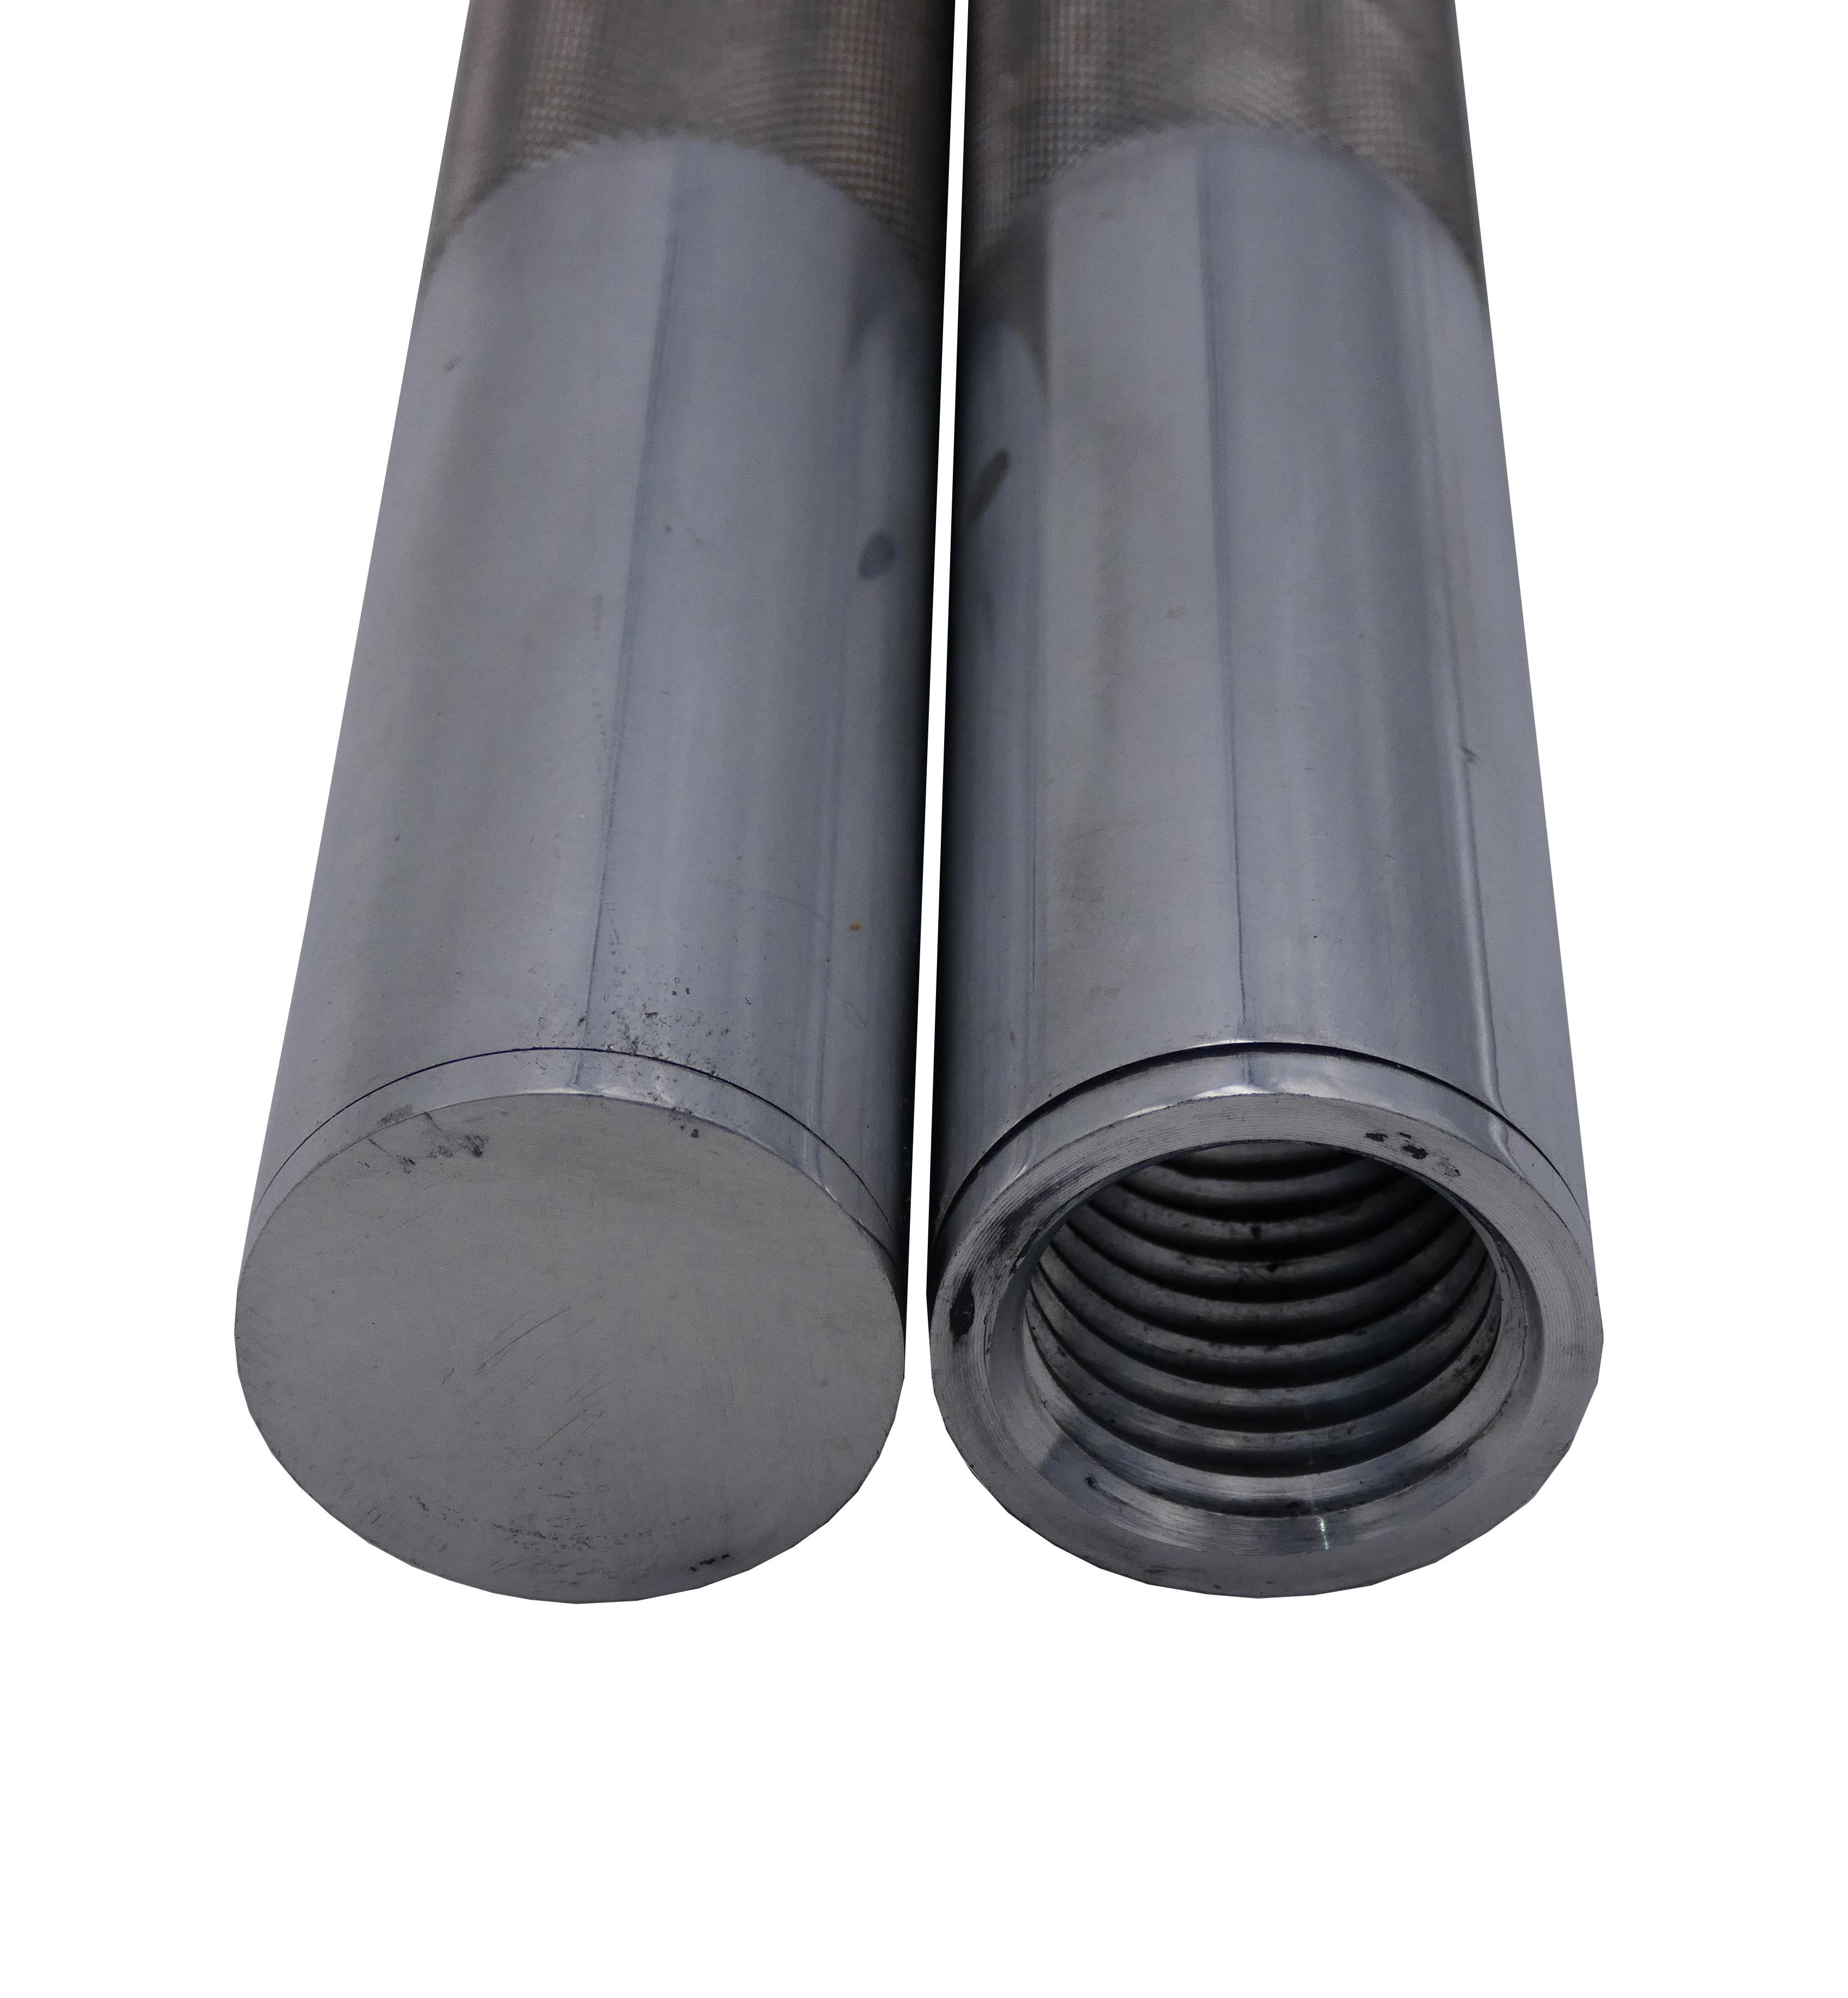 Tube suplémentaire pour épieu de battue -  60 cm utile